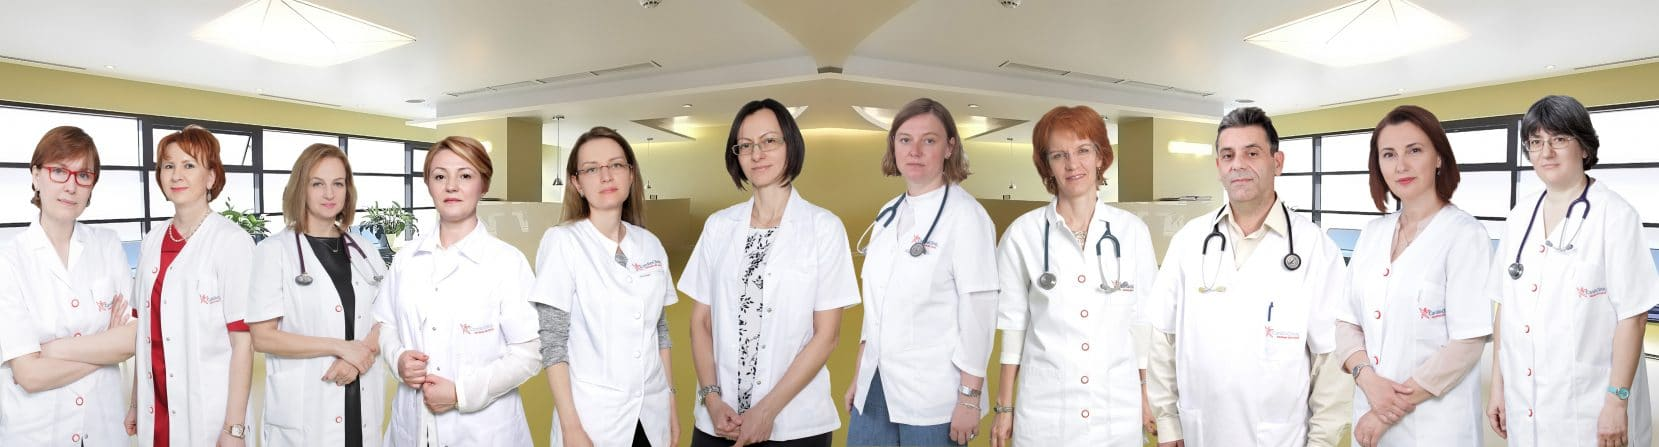 medici-cardioclinic